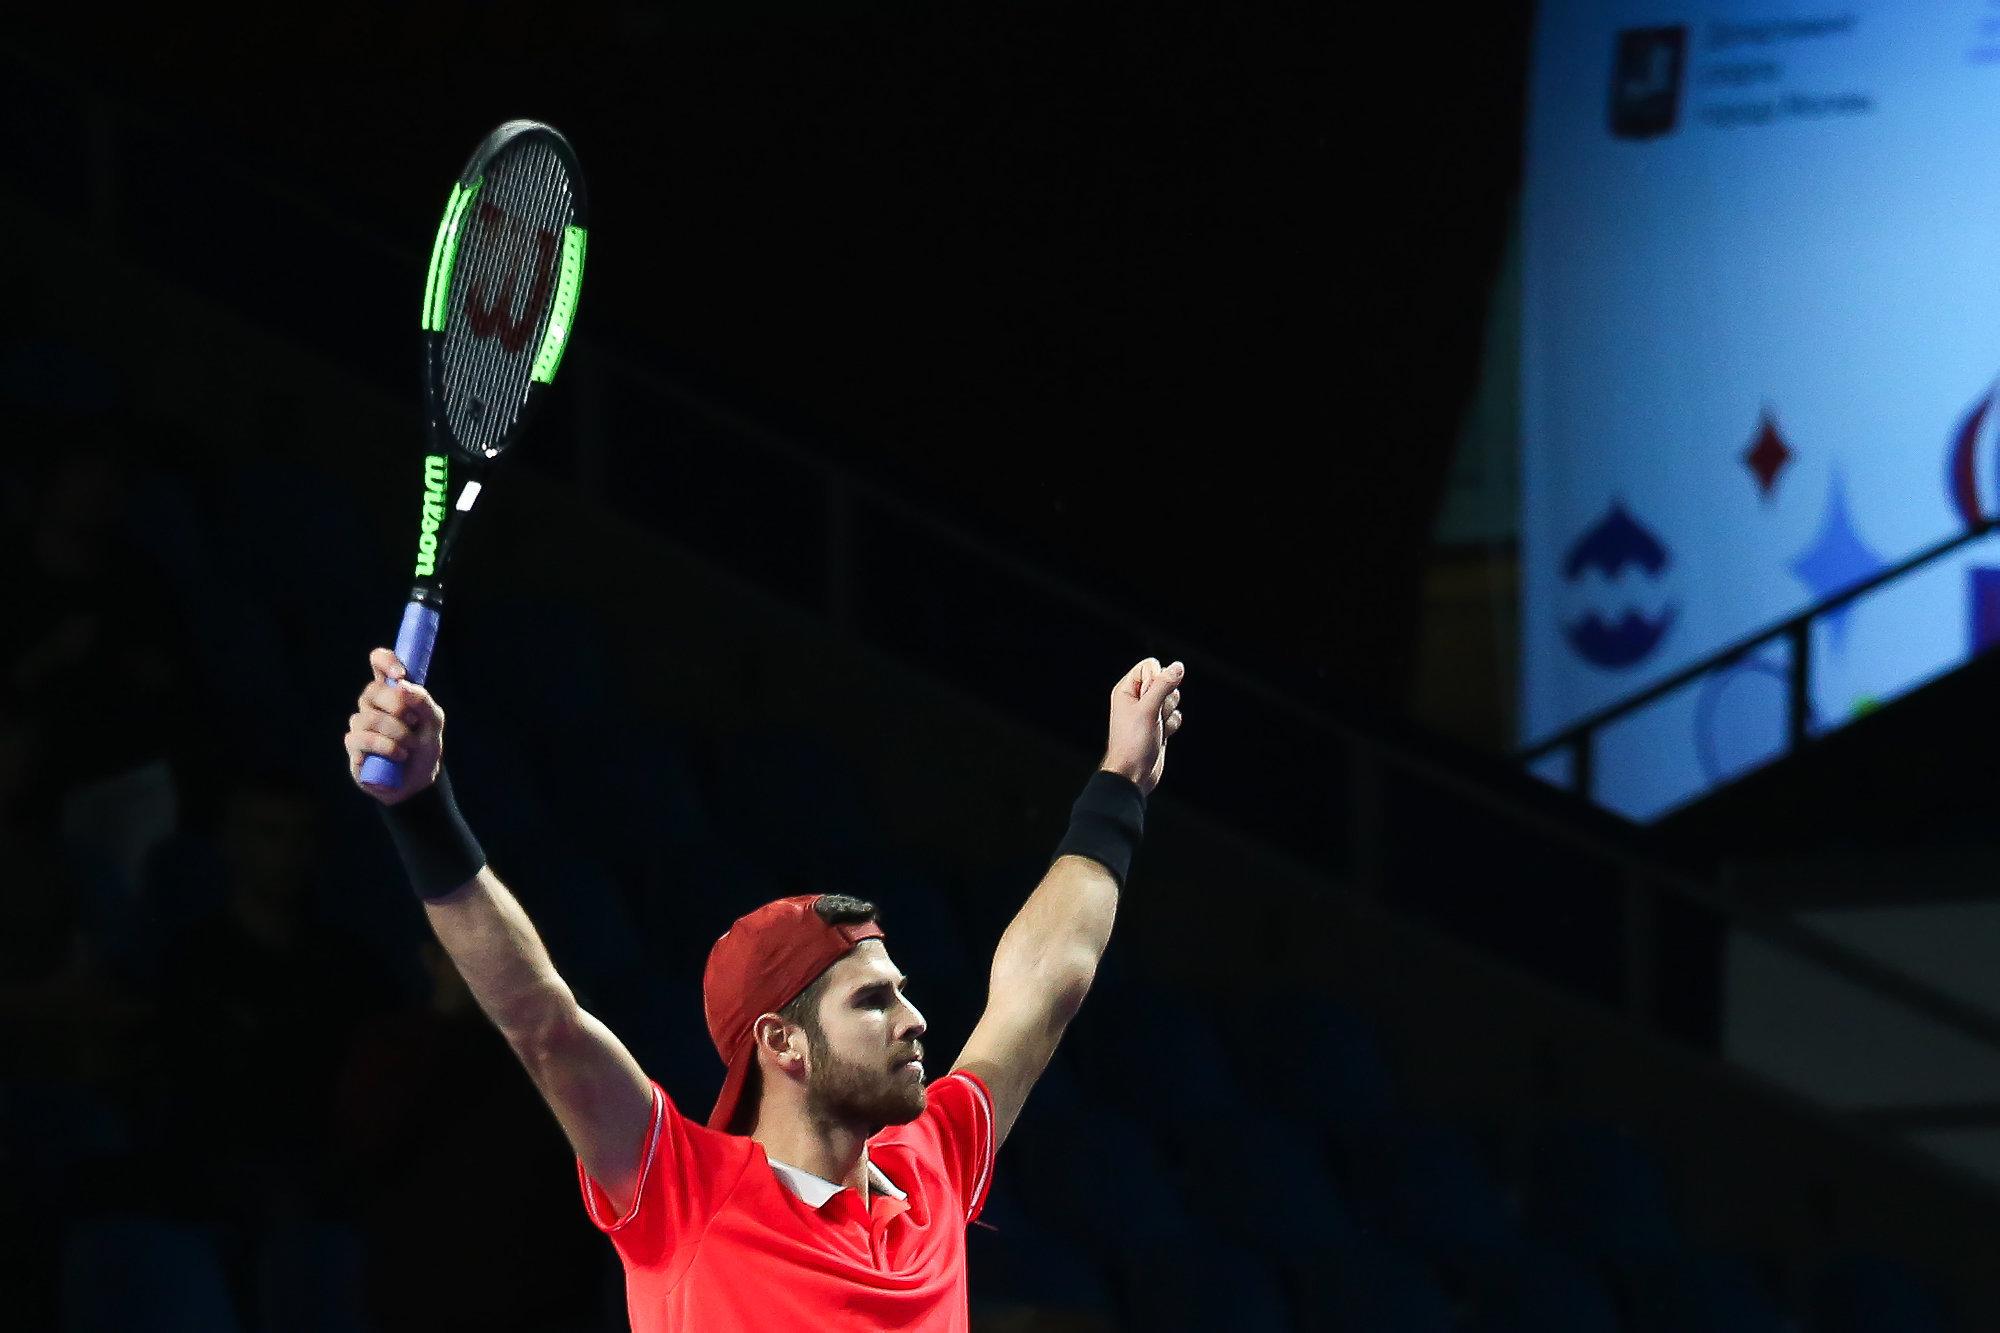 Карен Хачанов получил звание теннисиста года на церемонии премии «Русский Кубок»